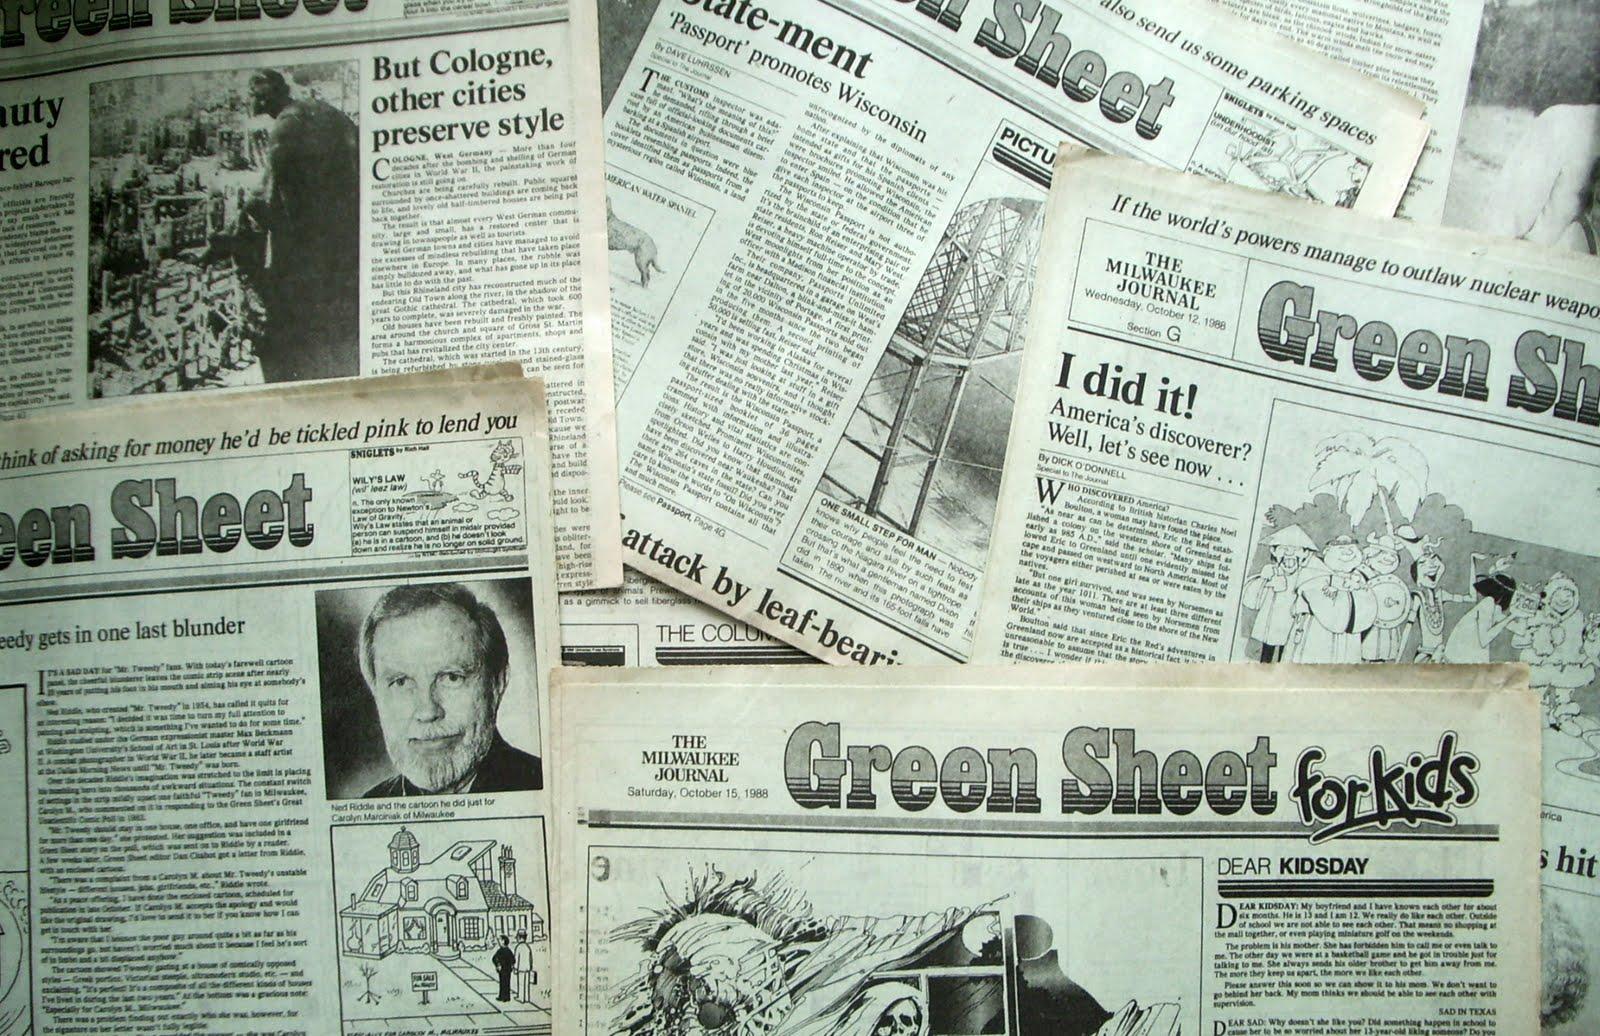 Ernie Von Schledorn >> 12 signs you're old-school Milwaukee - OnMilwaukee